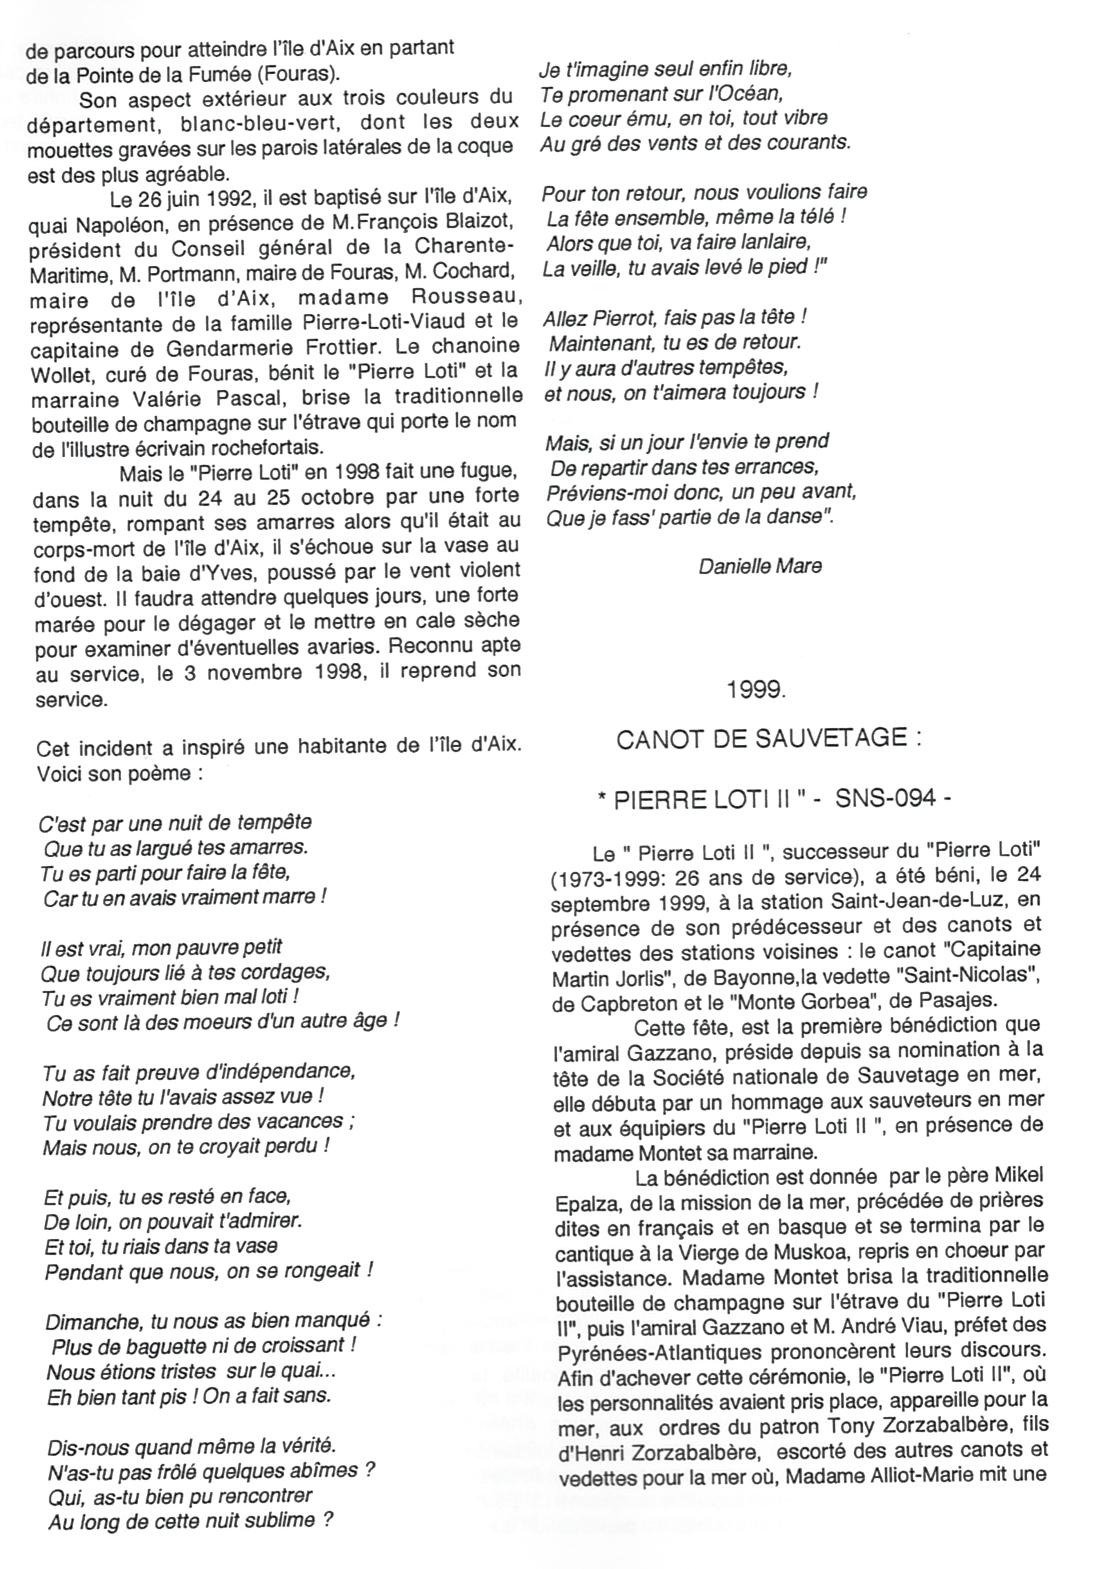 8-Bateaux et canots baptisés Pierre Loti - Jean Nonin